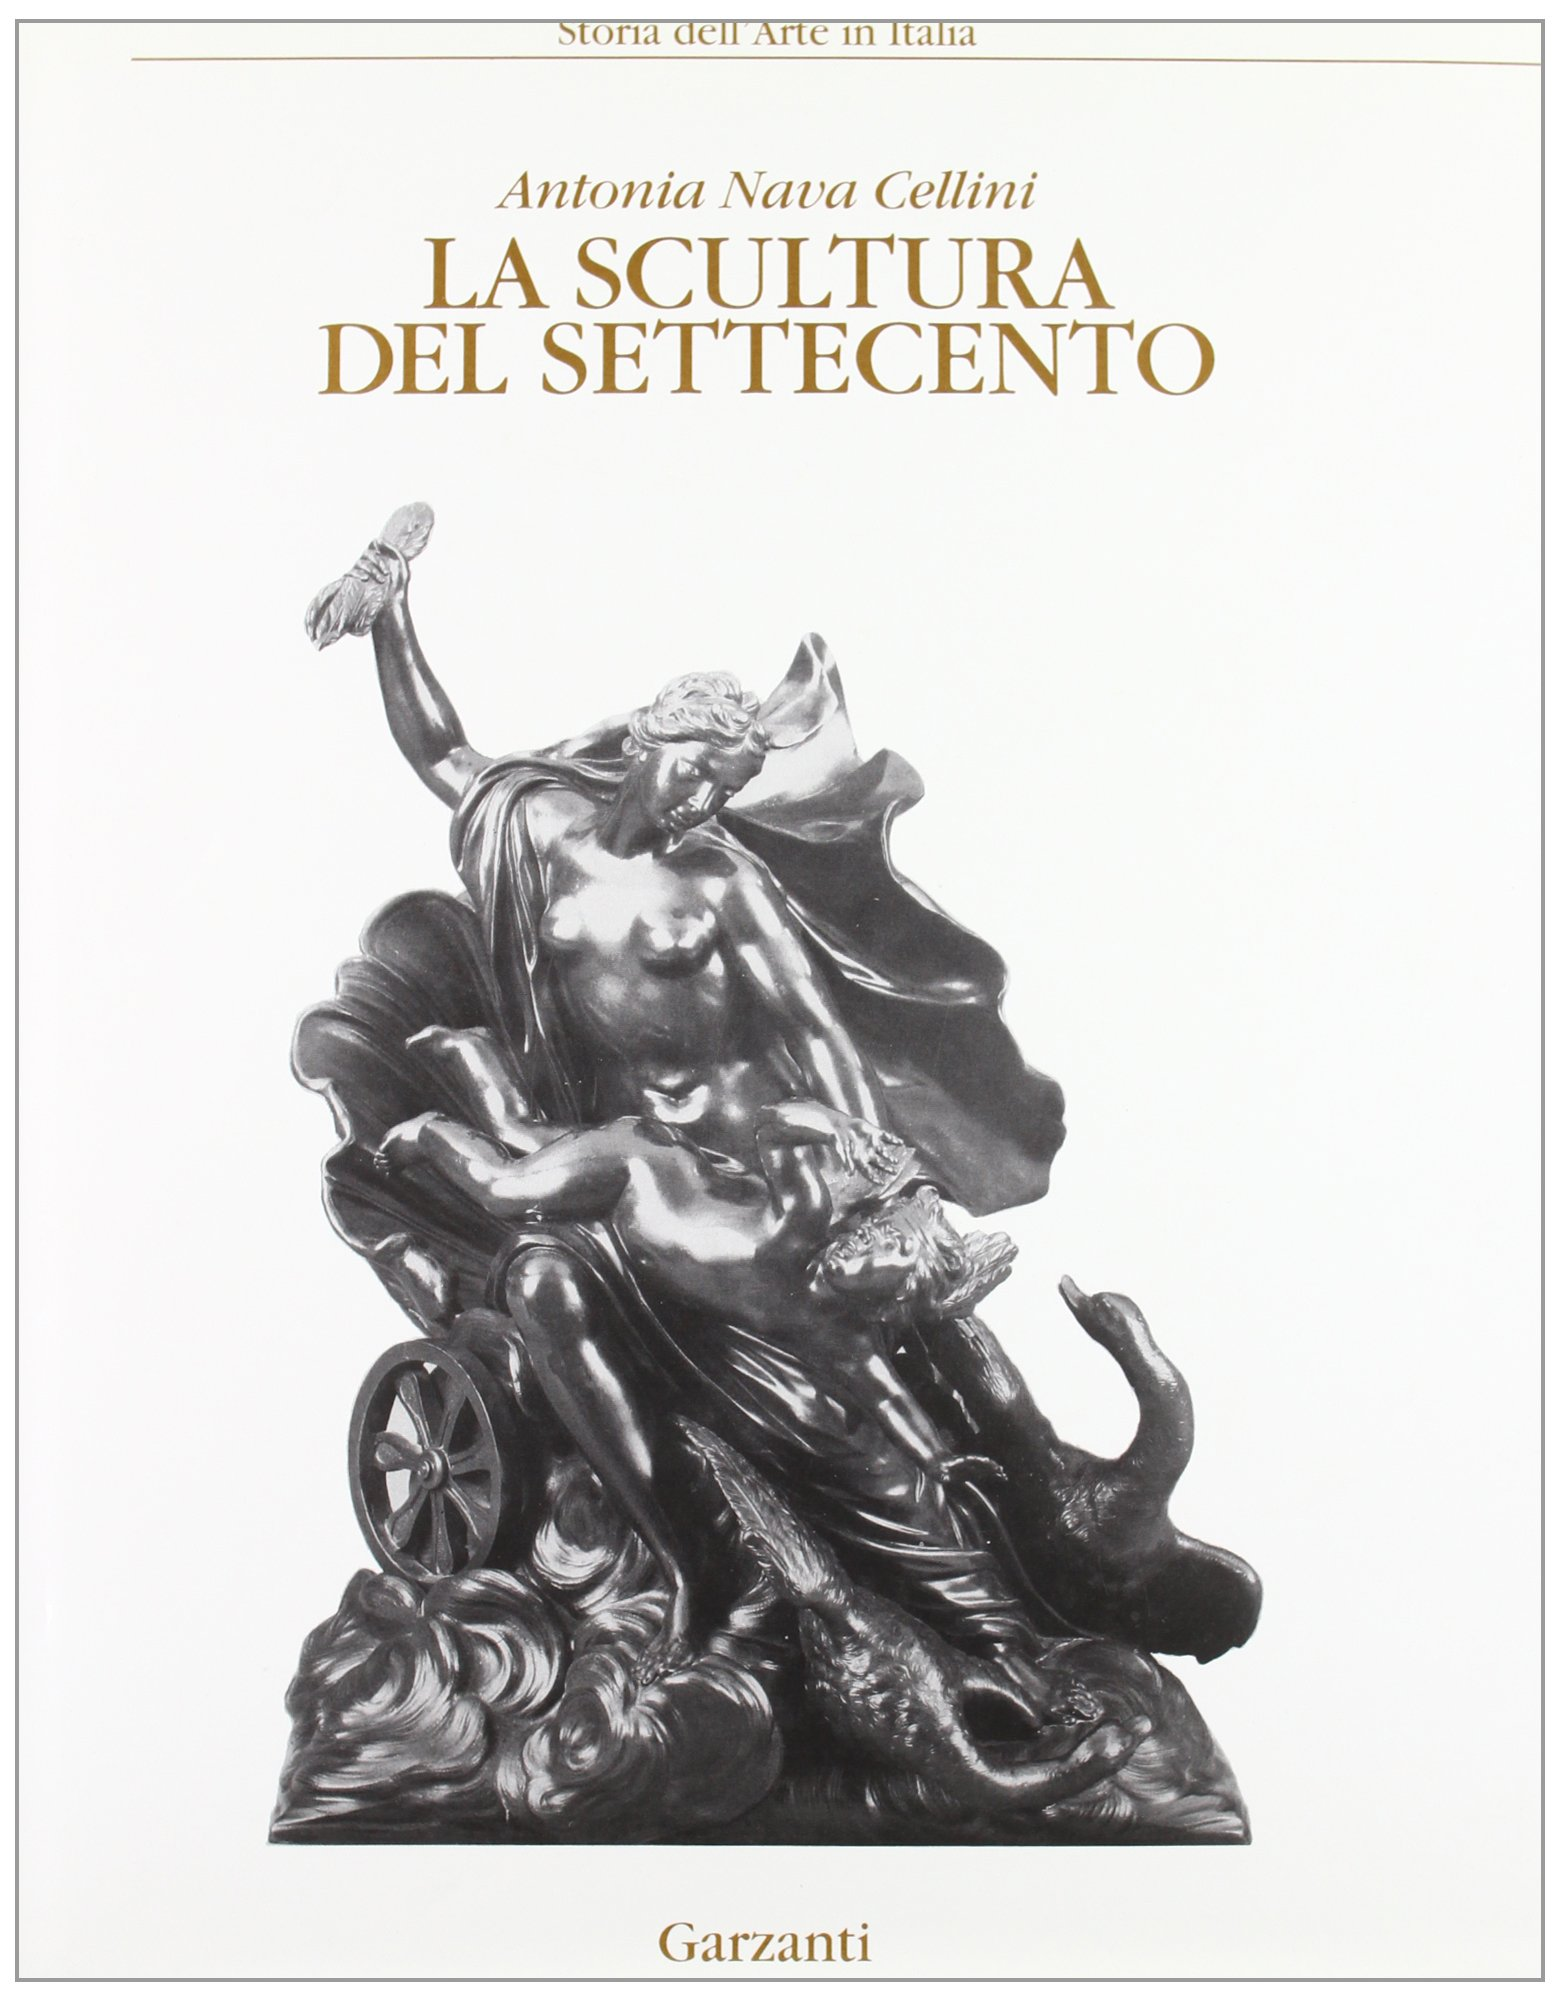 La scultura del Settecento Copertina rigida – 1 gen 1981 Antonia Nava Cellini UTET 8802037418 ARTI PLASTICHE. SCULTURA